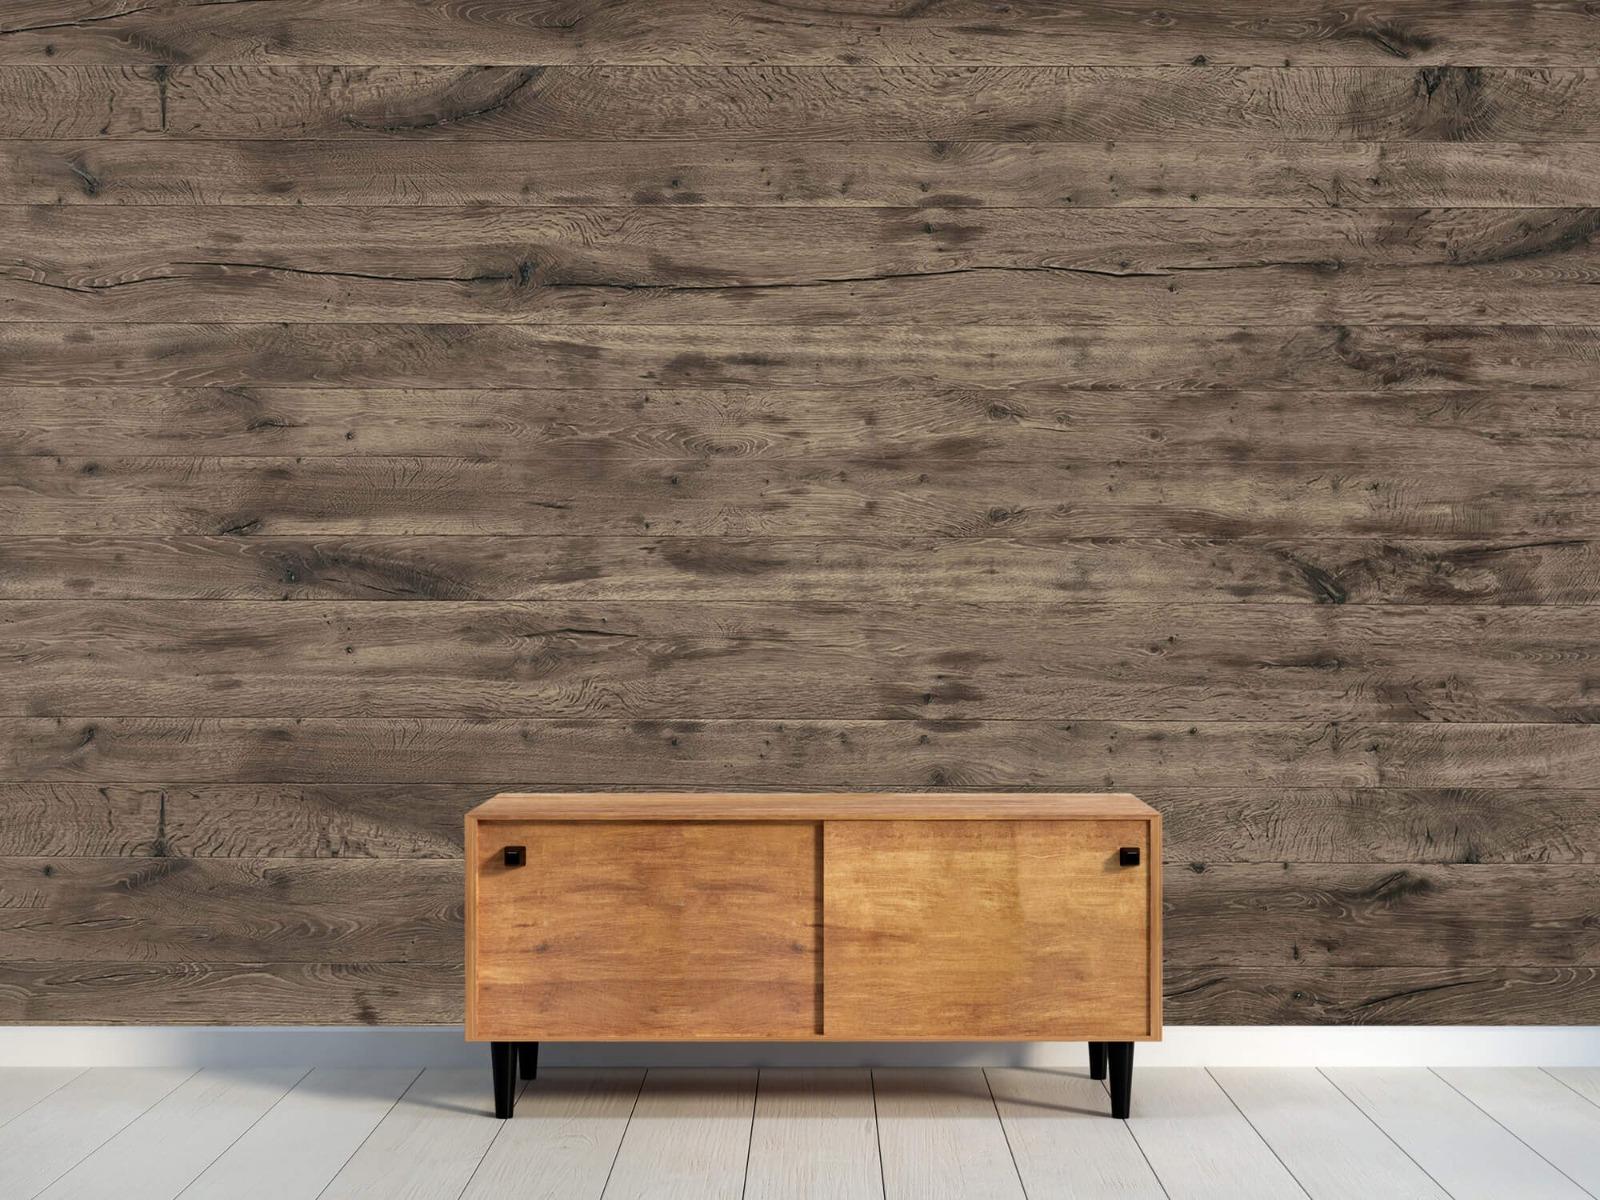 Hout behang - Rustieke houten planken - Garage 10